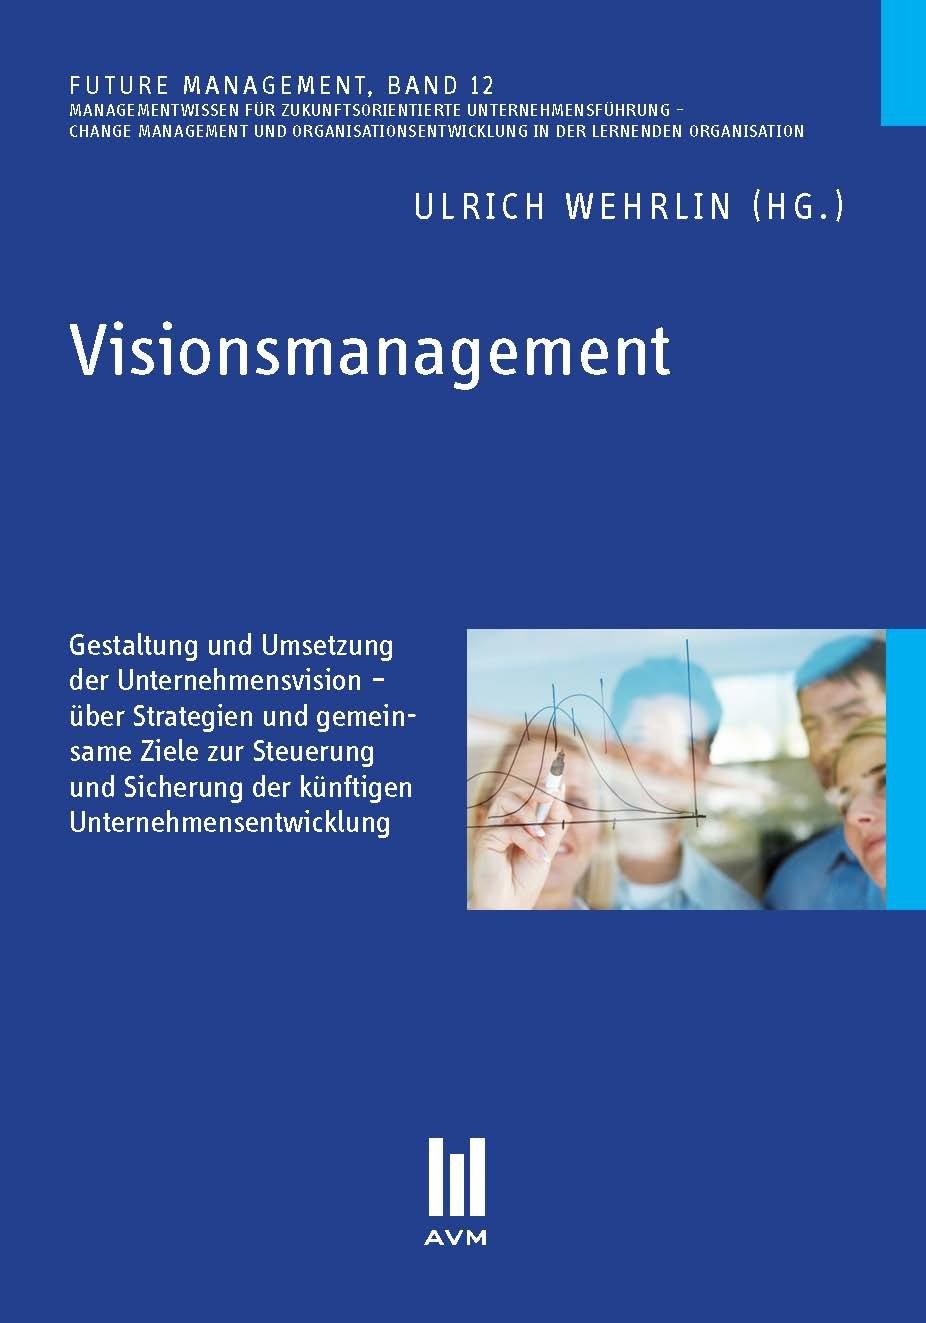 Visionsmanagement: Gestaltung und Umsetzung der Unternehmensvision - über Strategien und gemeinsame Ziele zur Steuerung und Sicherung der künftigen Unternehmensentwicklung